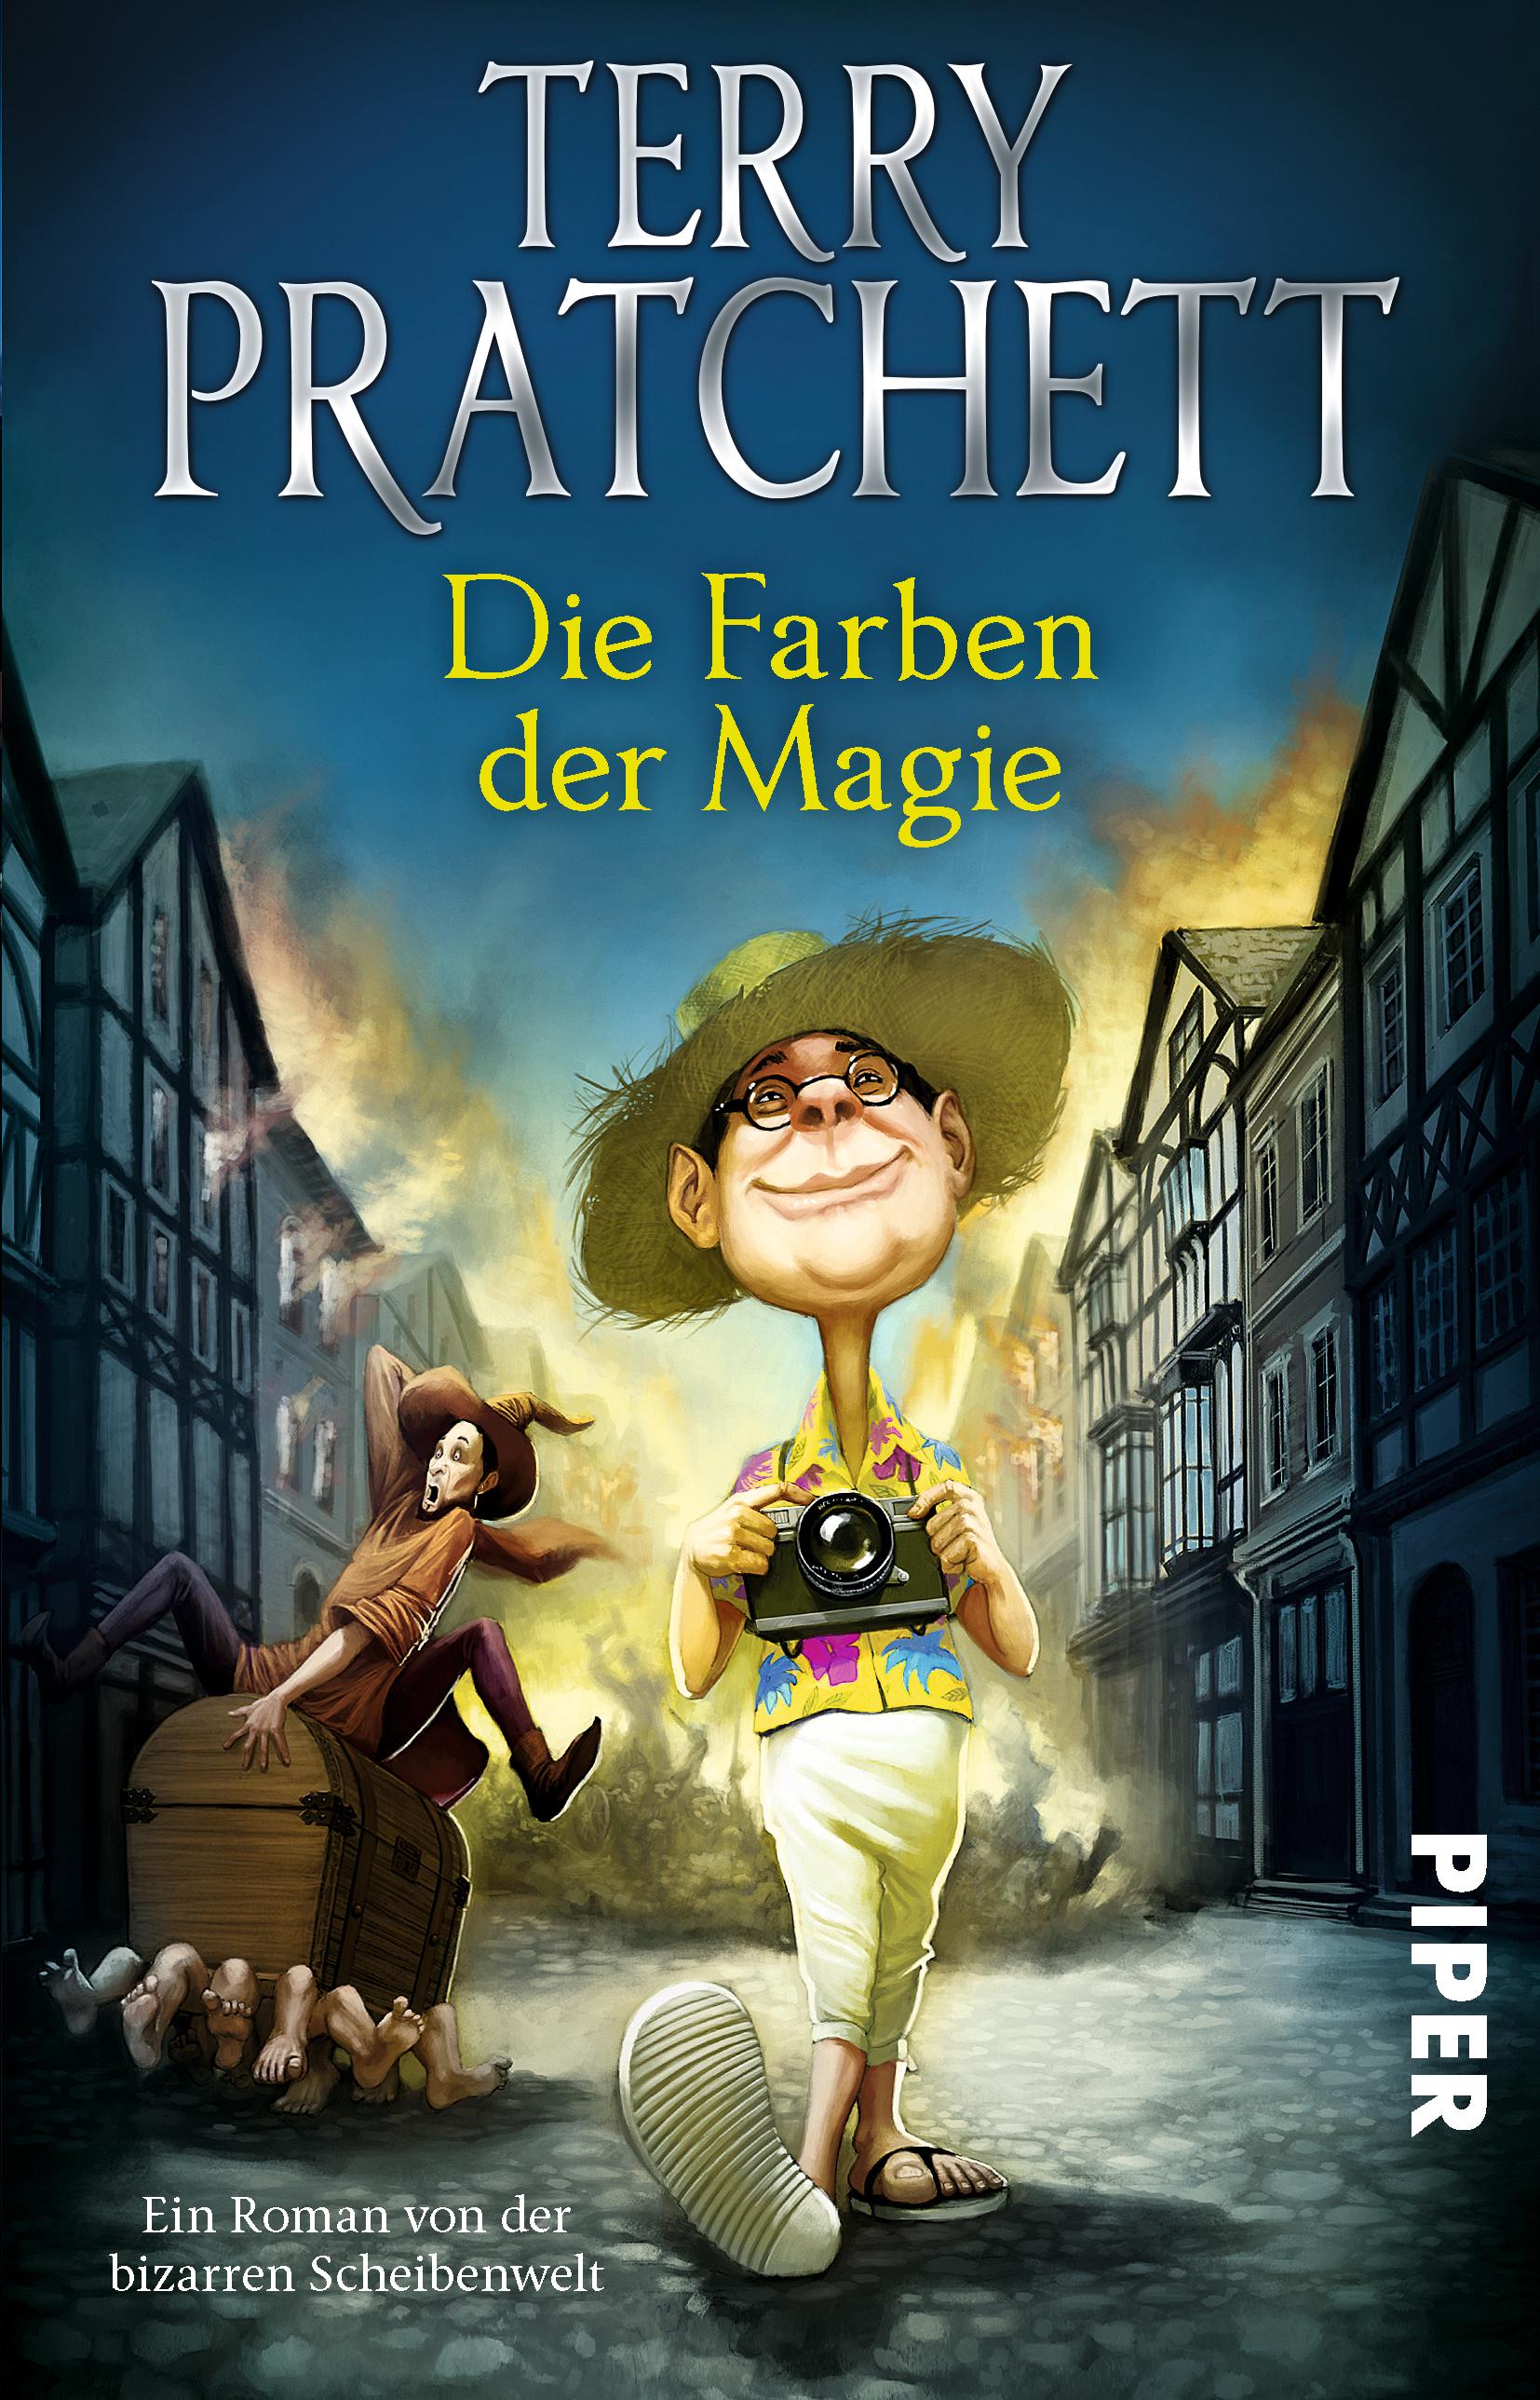 Die Farben der Magie von Terry Pratchett | PIPER